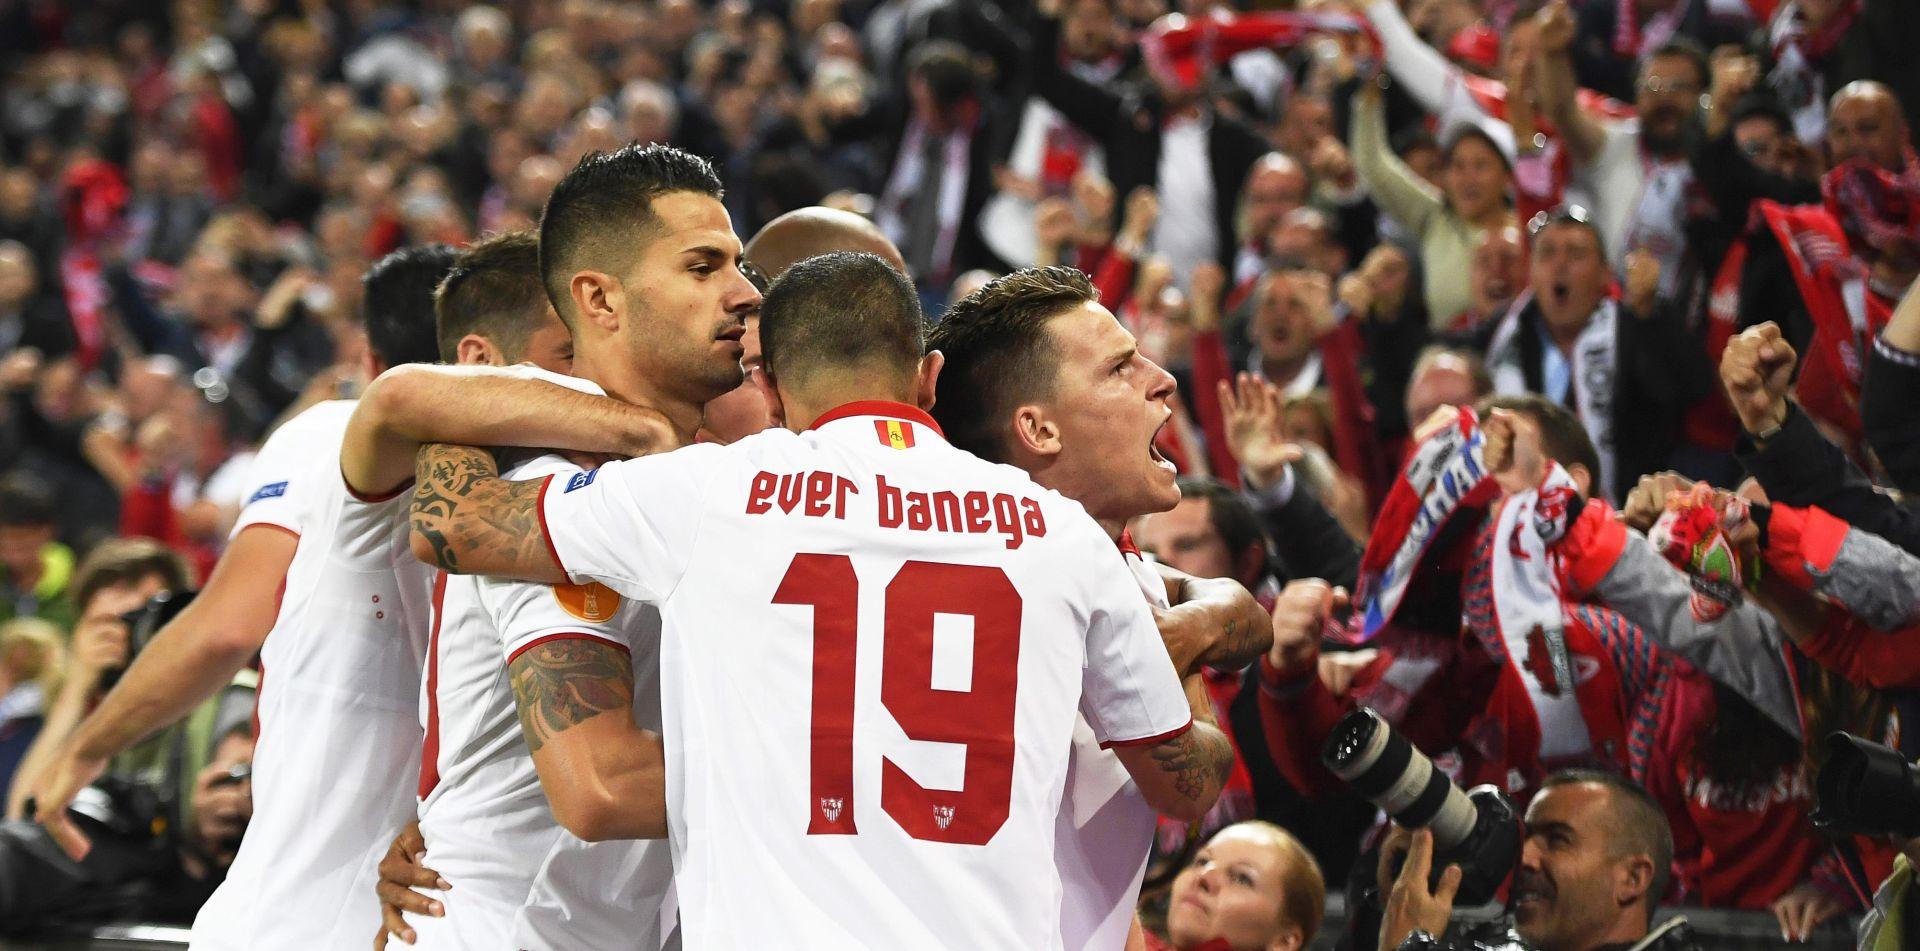 ZA POVIJEST Nevjerojatnim preokretom Sevilla osvojila Europa ligu treći put zaredom